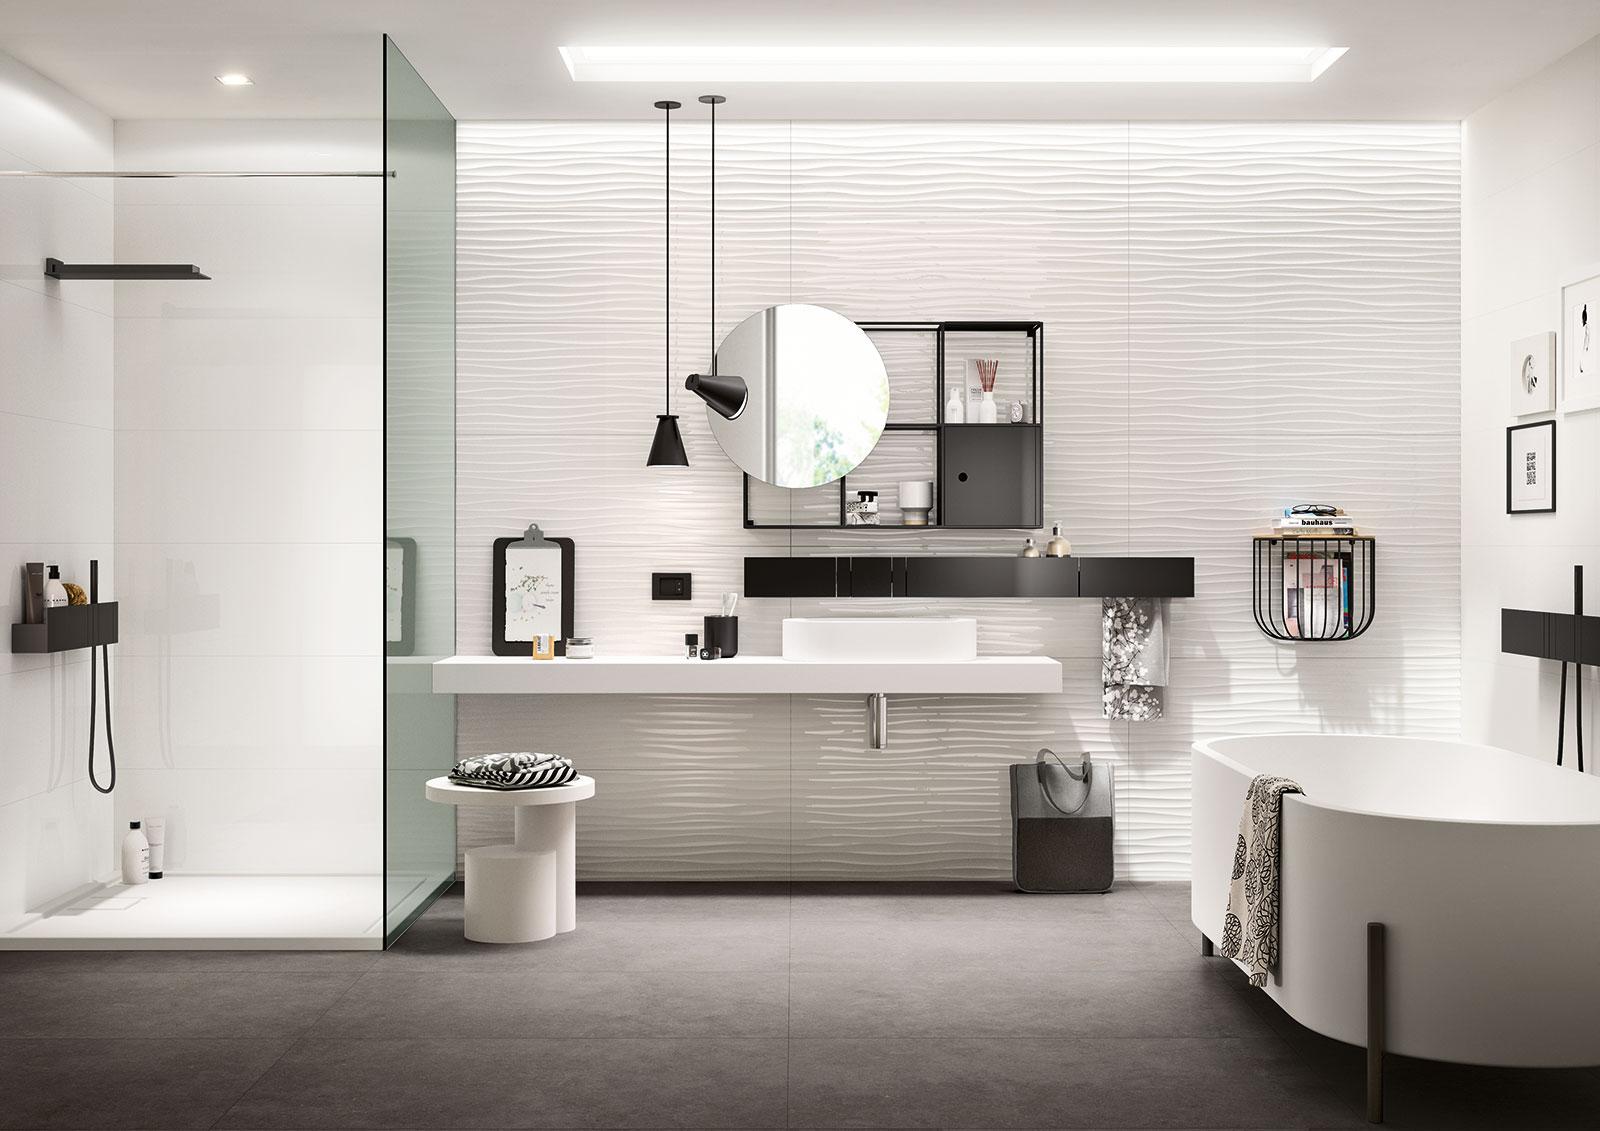 Essenziale ceramica bianca per bagni marazzi - Ceramiche per bagno marazzi ...